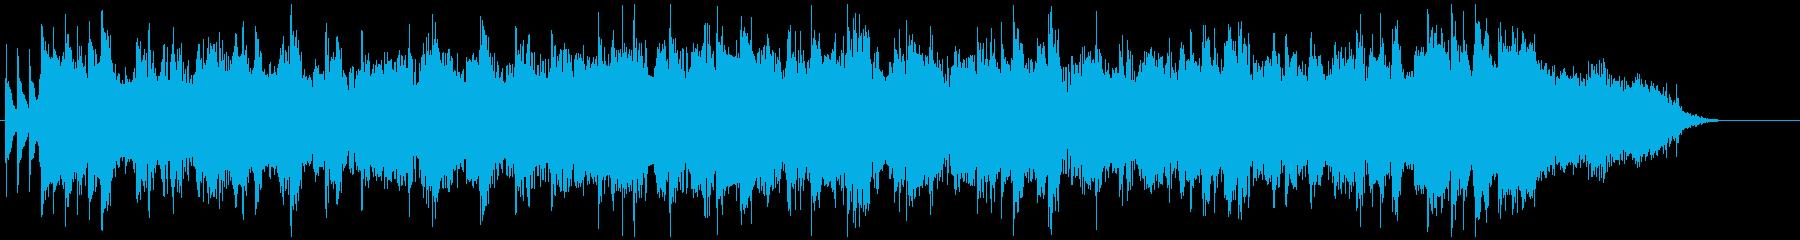 ロックギタージングル【30秒】の再生済みの波形